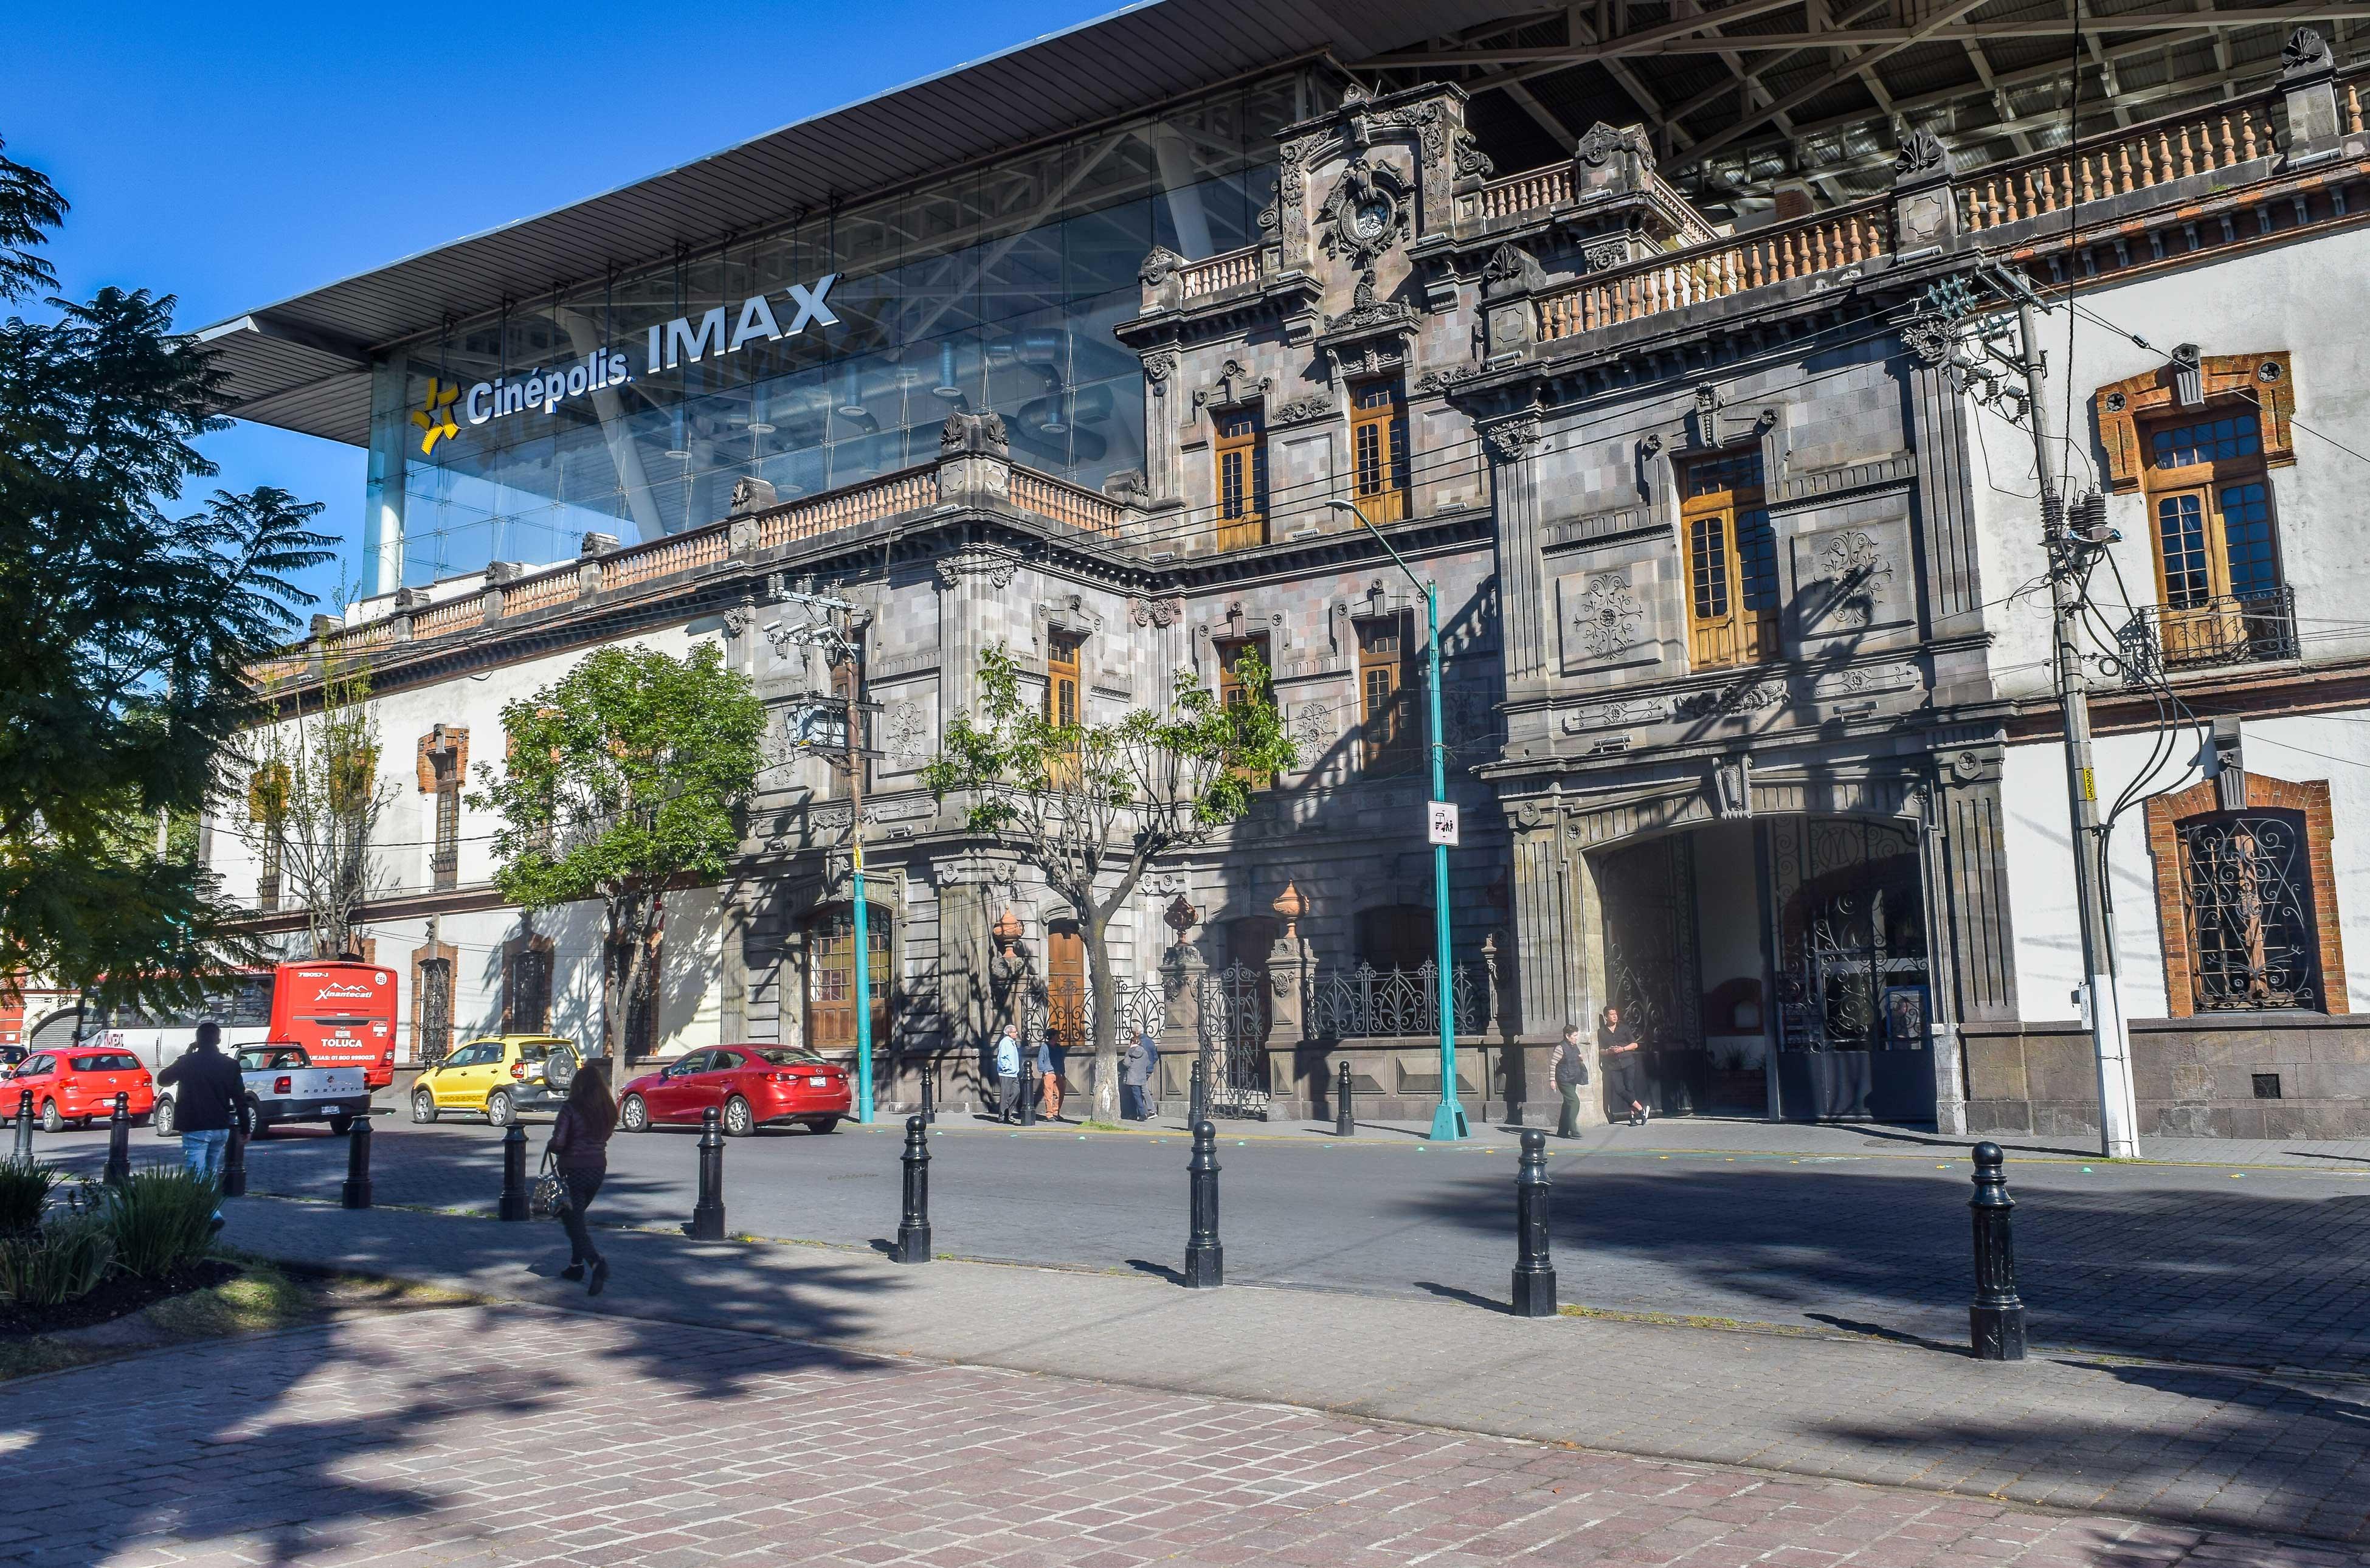 ¿Qué horario y aforo permitido tienen los comercios de Toluca?